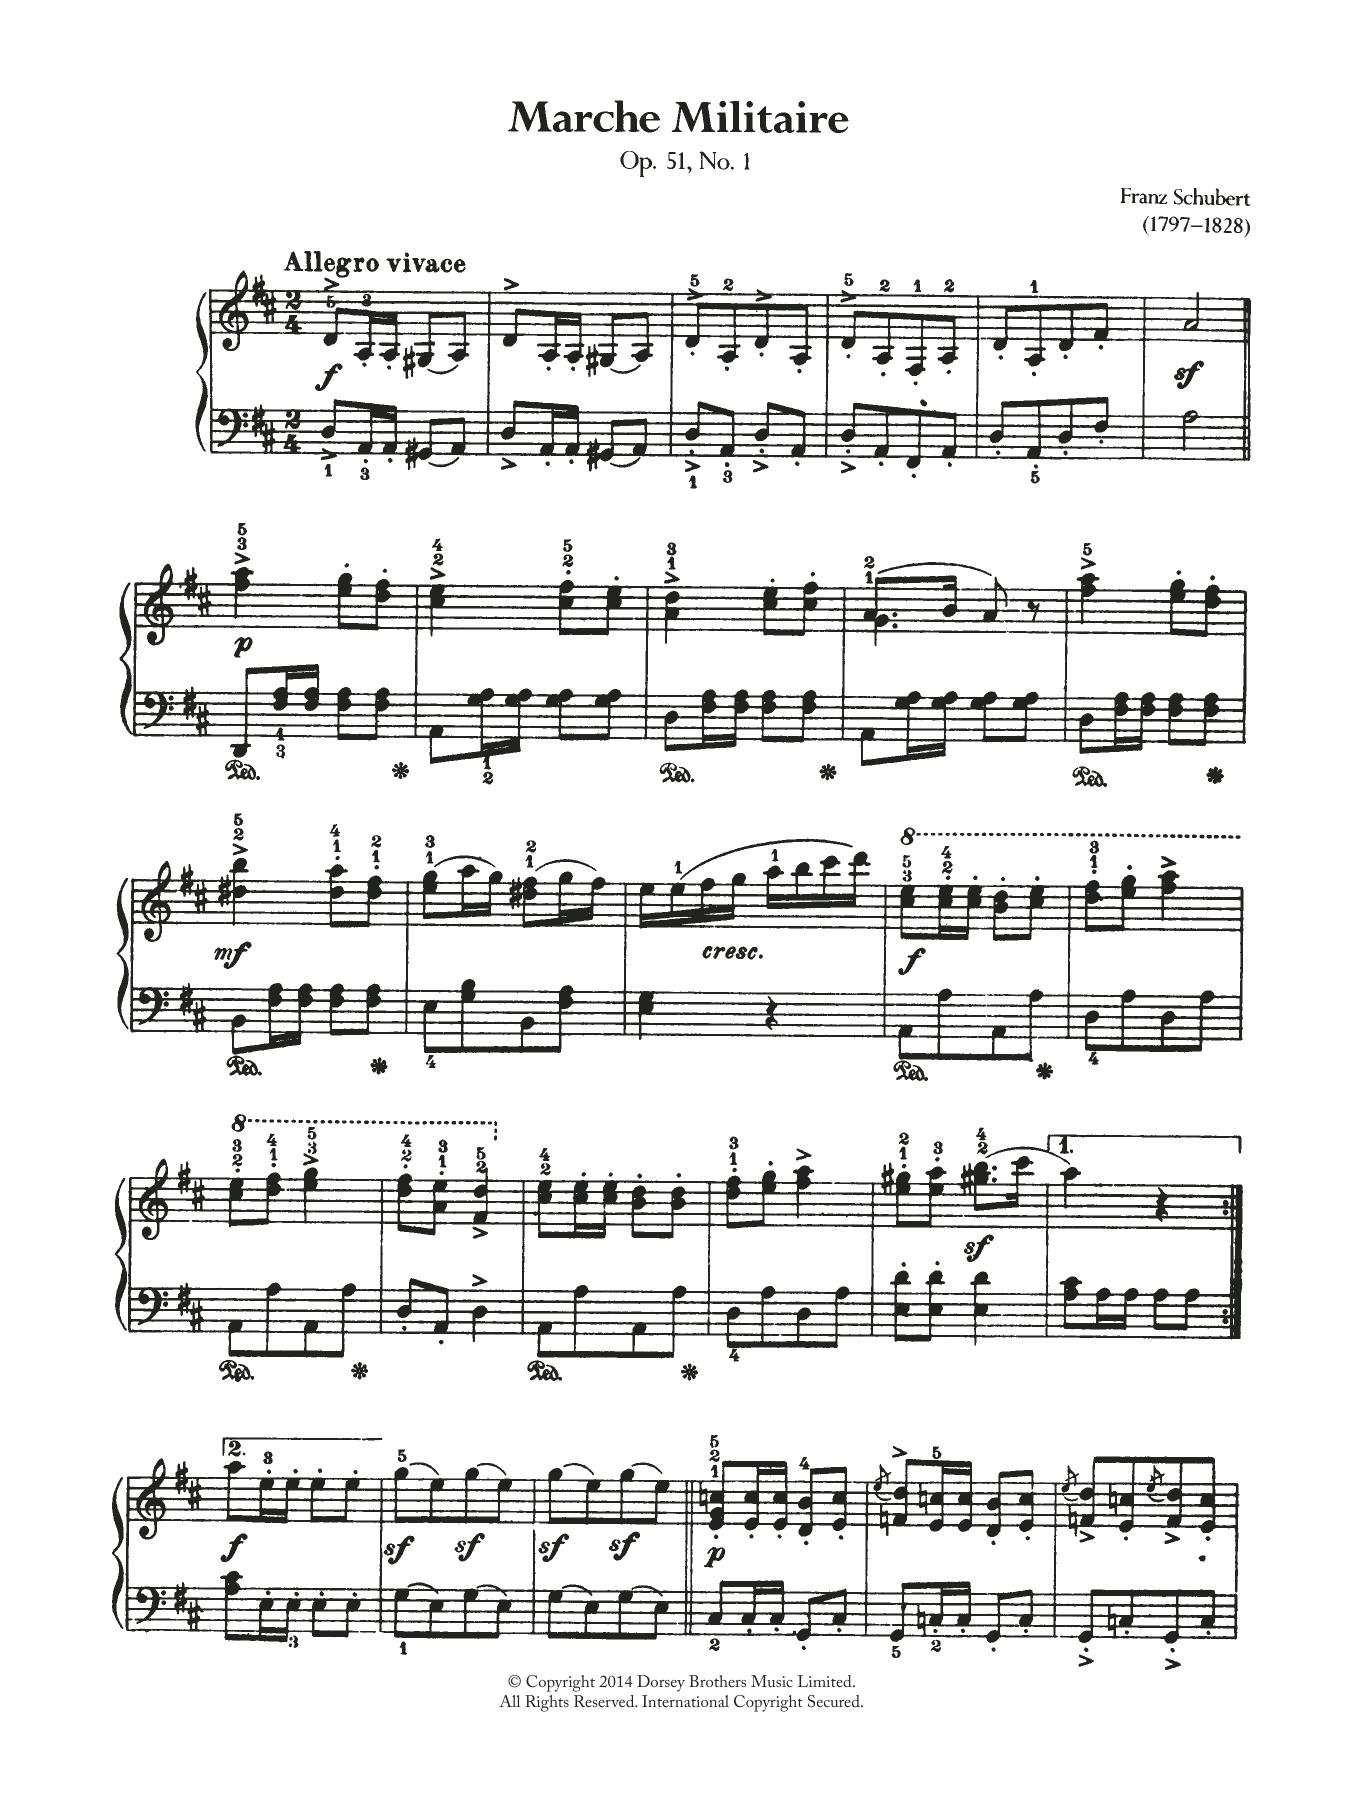 Franz Schubert - Marche Militaire